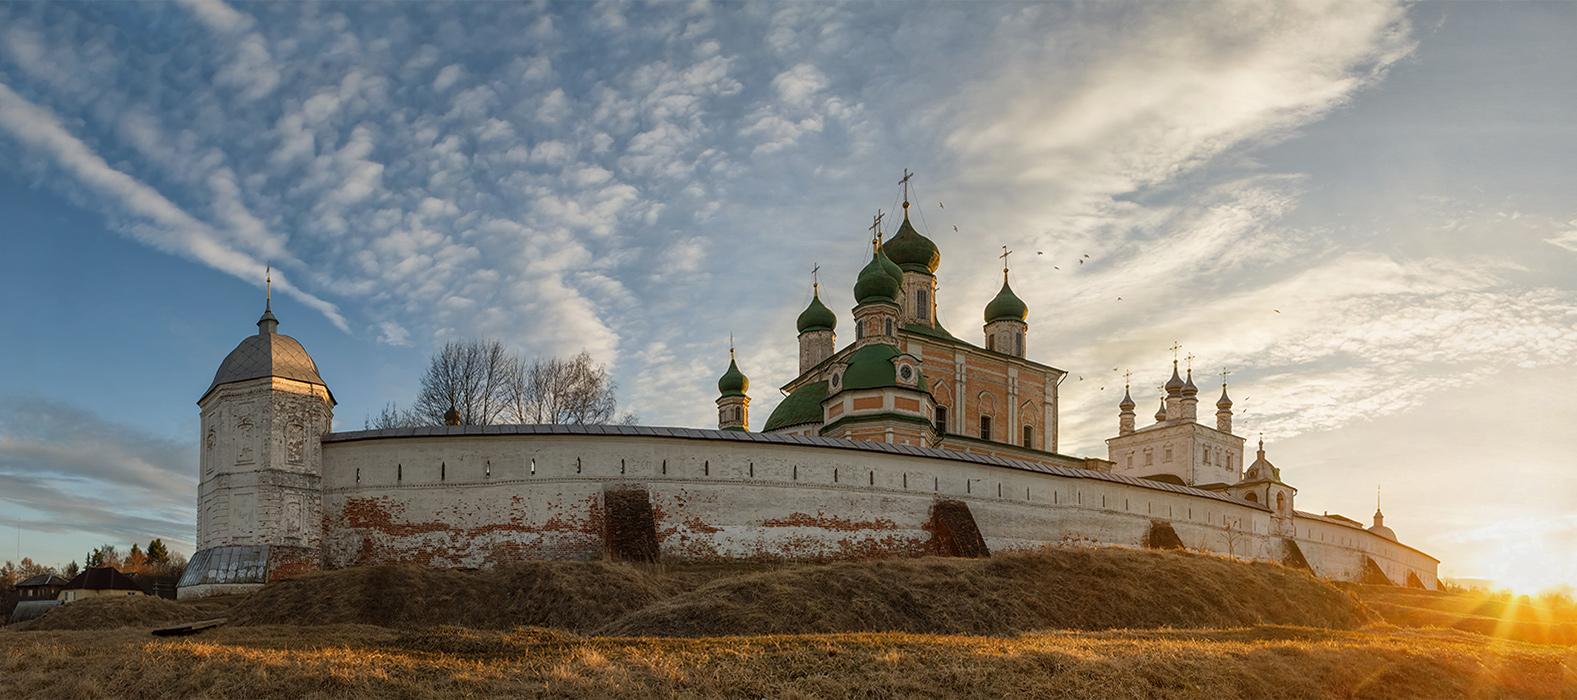 Успенский Горицкий Богородицкий мужской монастырь,Переславль-Залесский,панорама 8 вертикальных